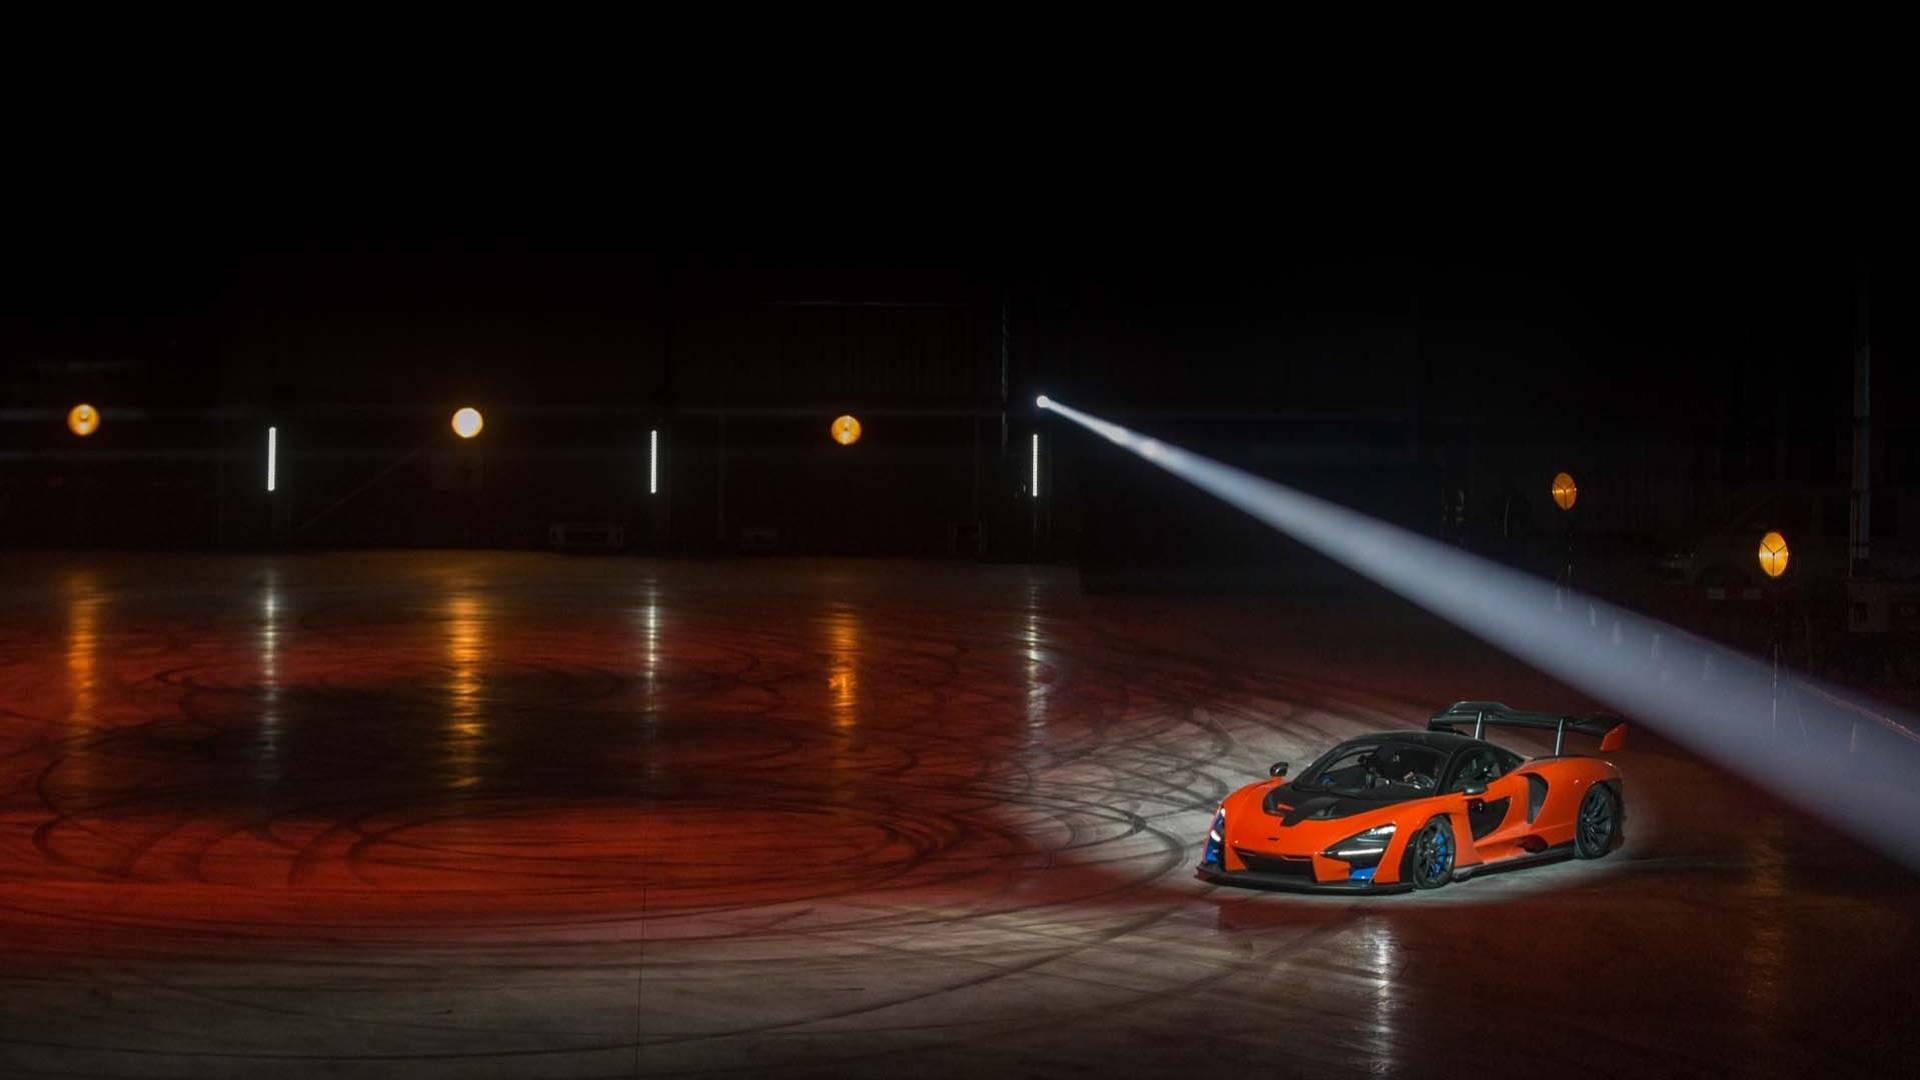 McLaren_Carbon_Composites_Technology_Center_0010